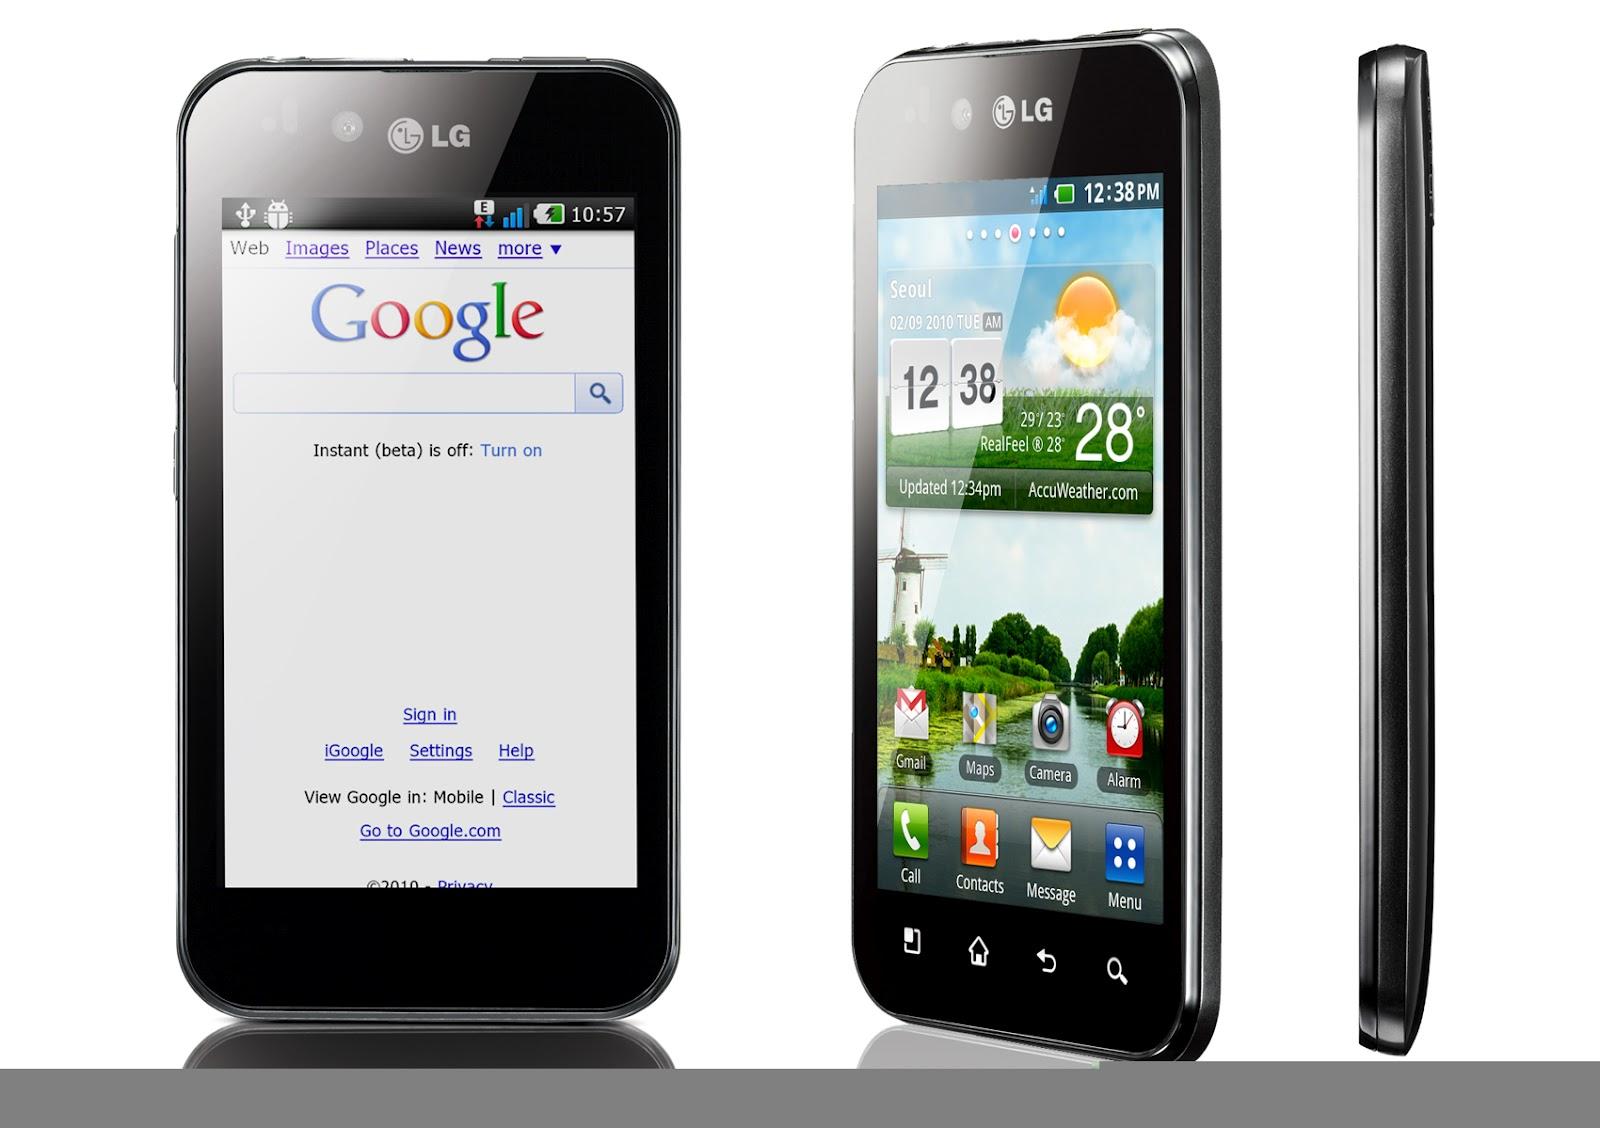 Daftar Harga HP LG Terbaru Januari 2013